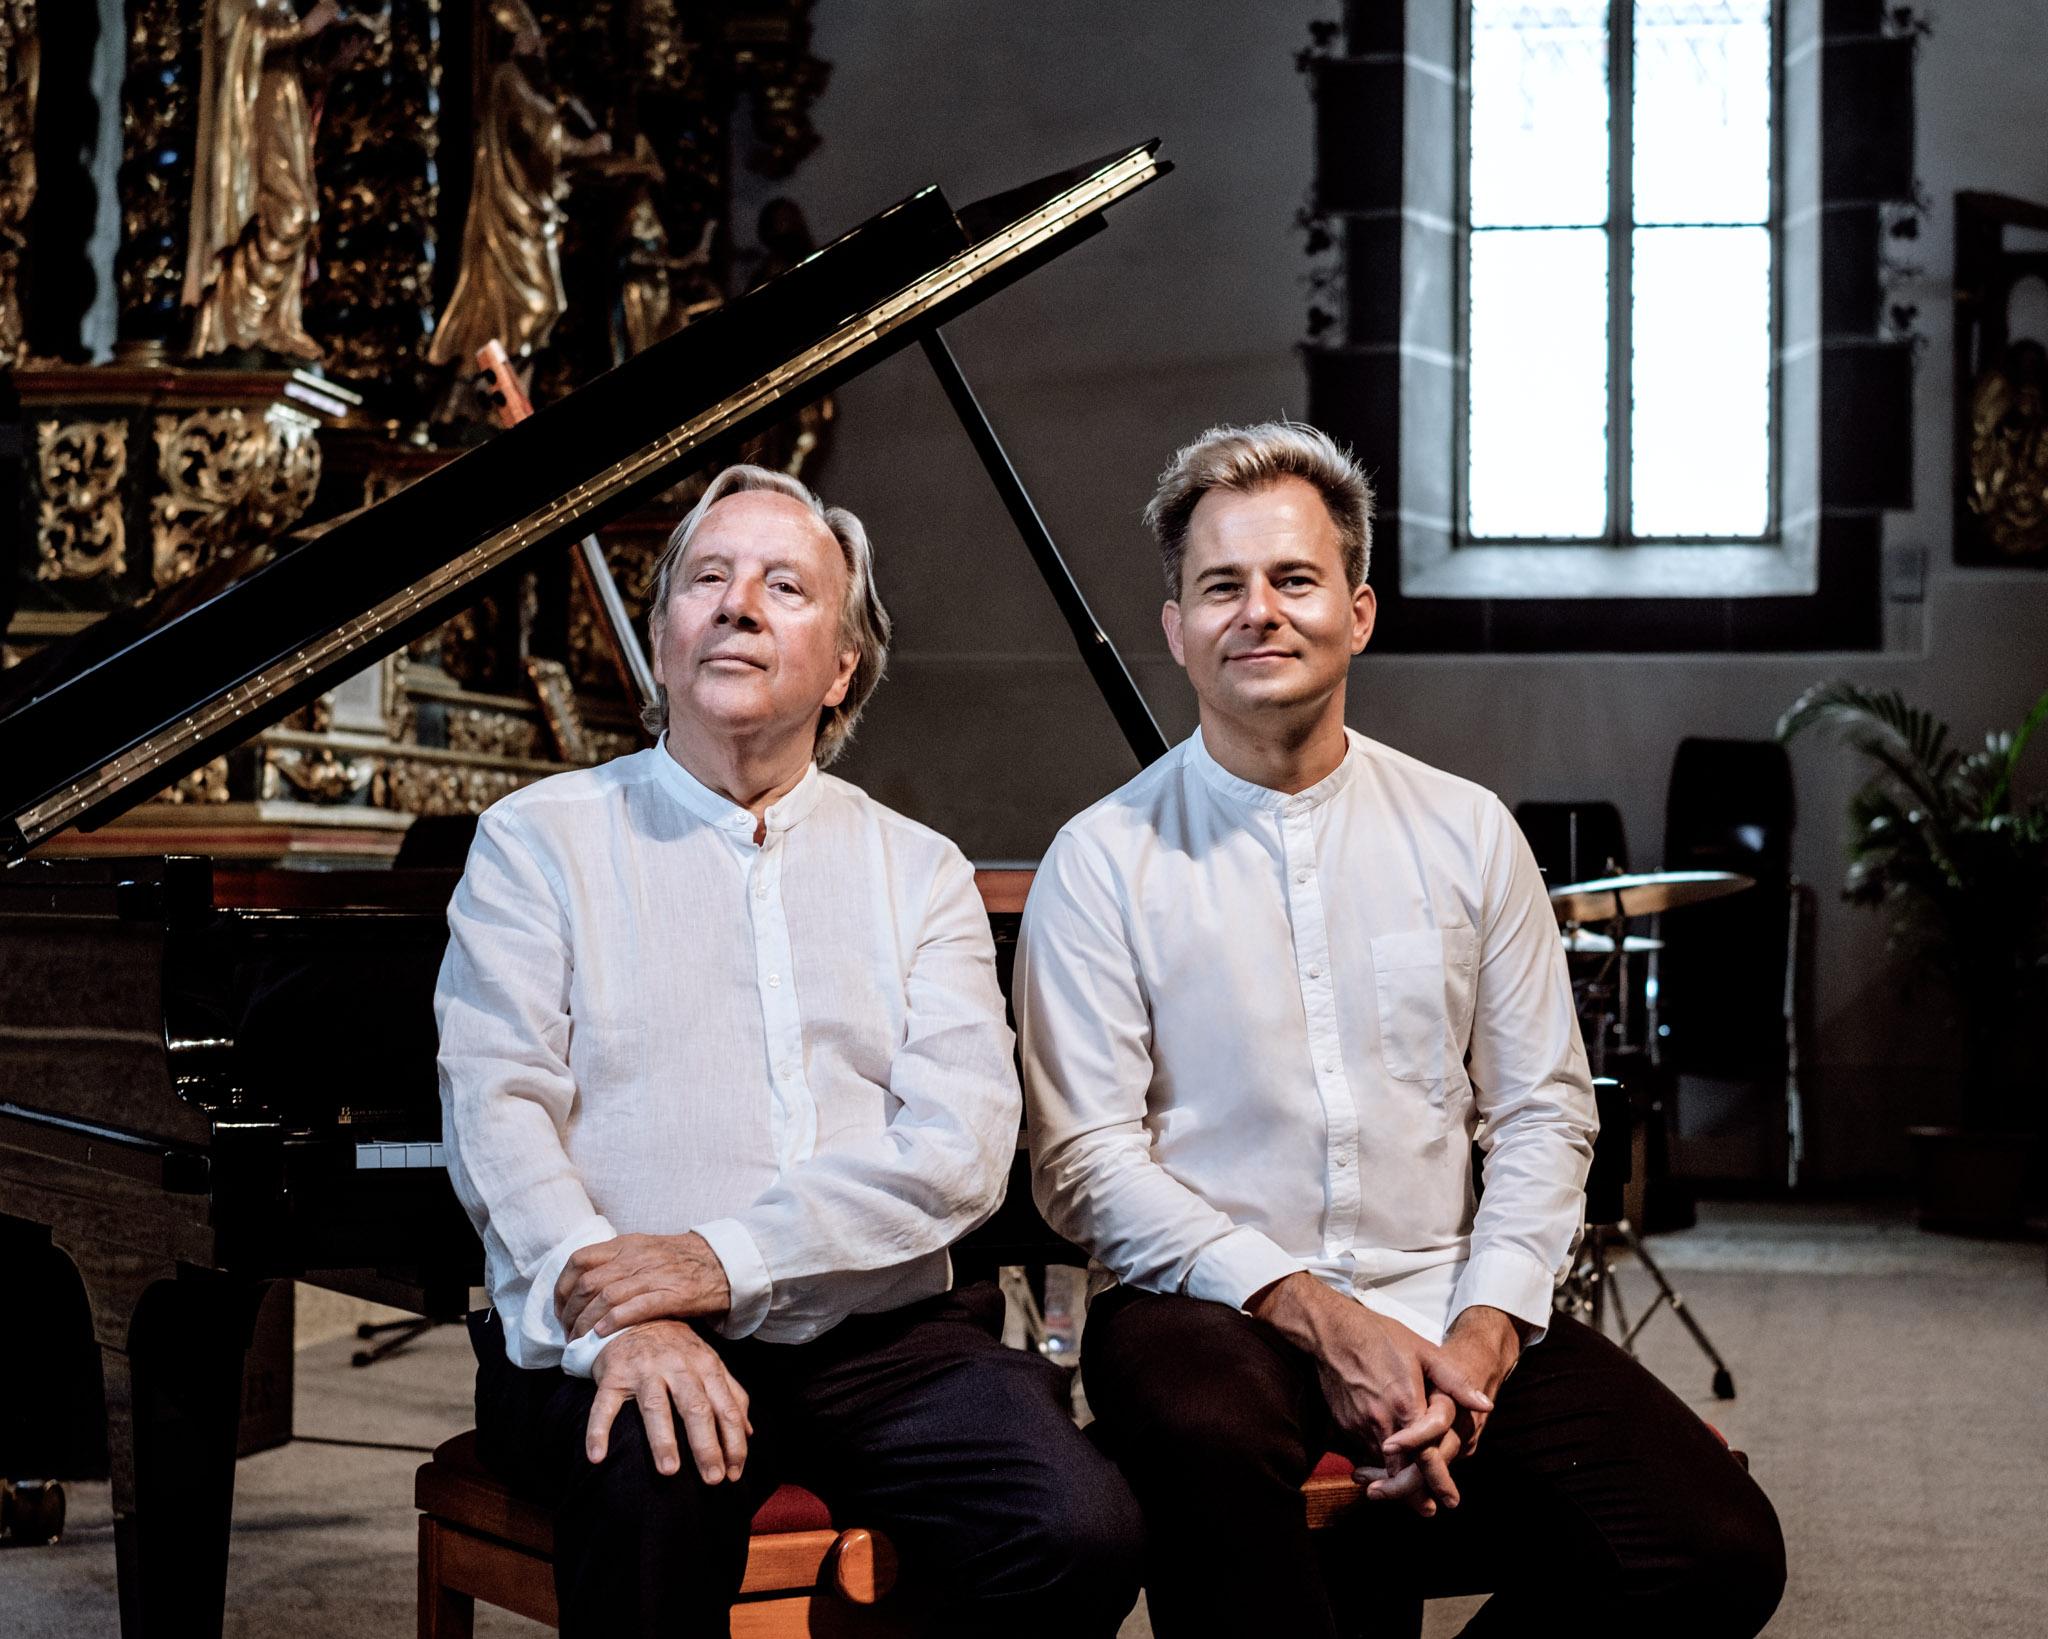 Heinz Spoerli & Charl du Plessis I, Musikdorf, Ernen, 2017